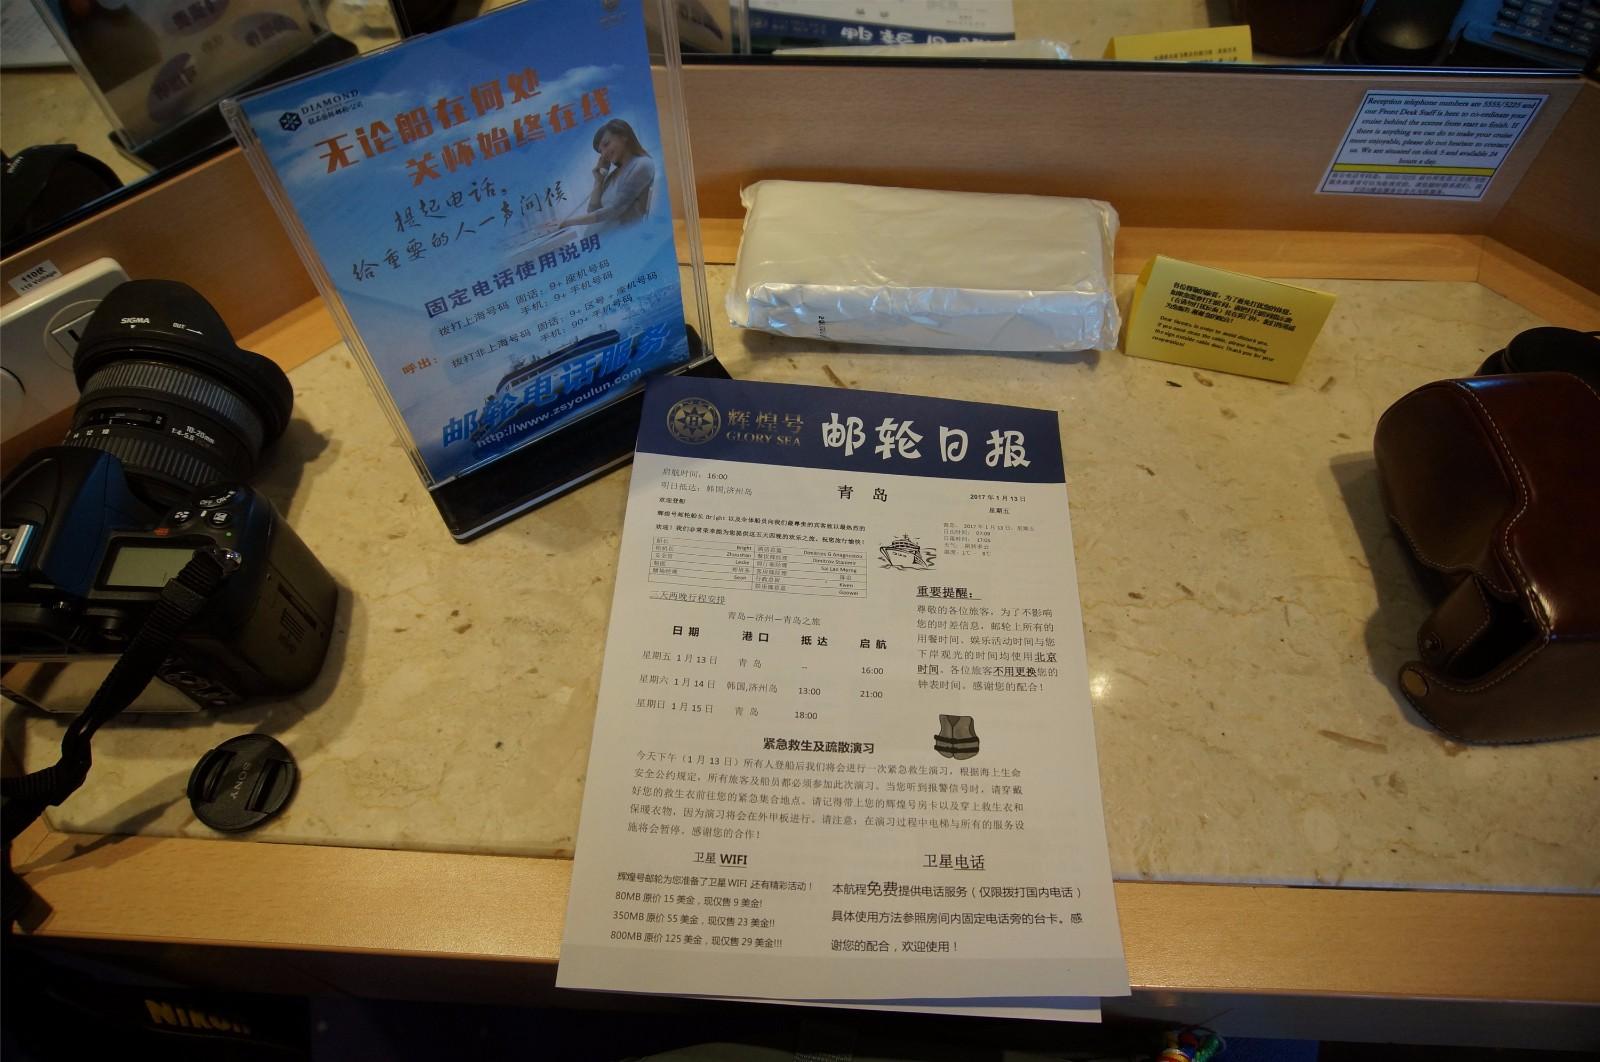 为了不影响游客的时差信息,日报上的时间均为北京时间